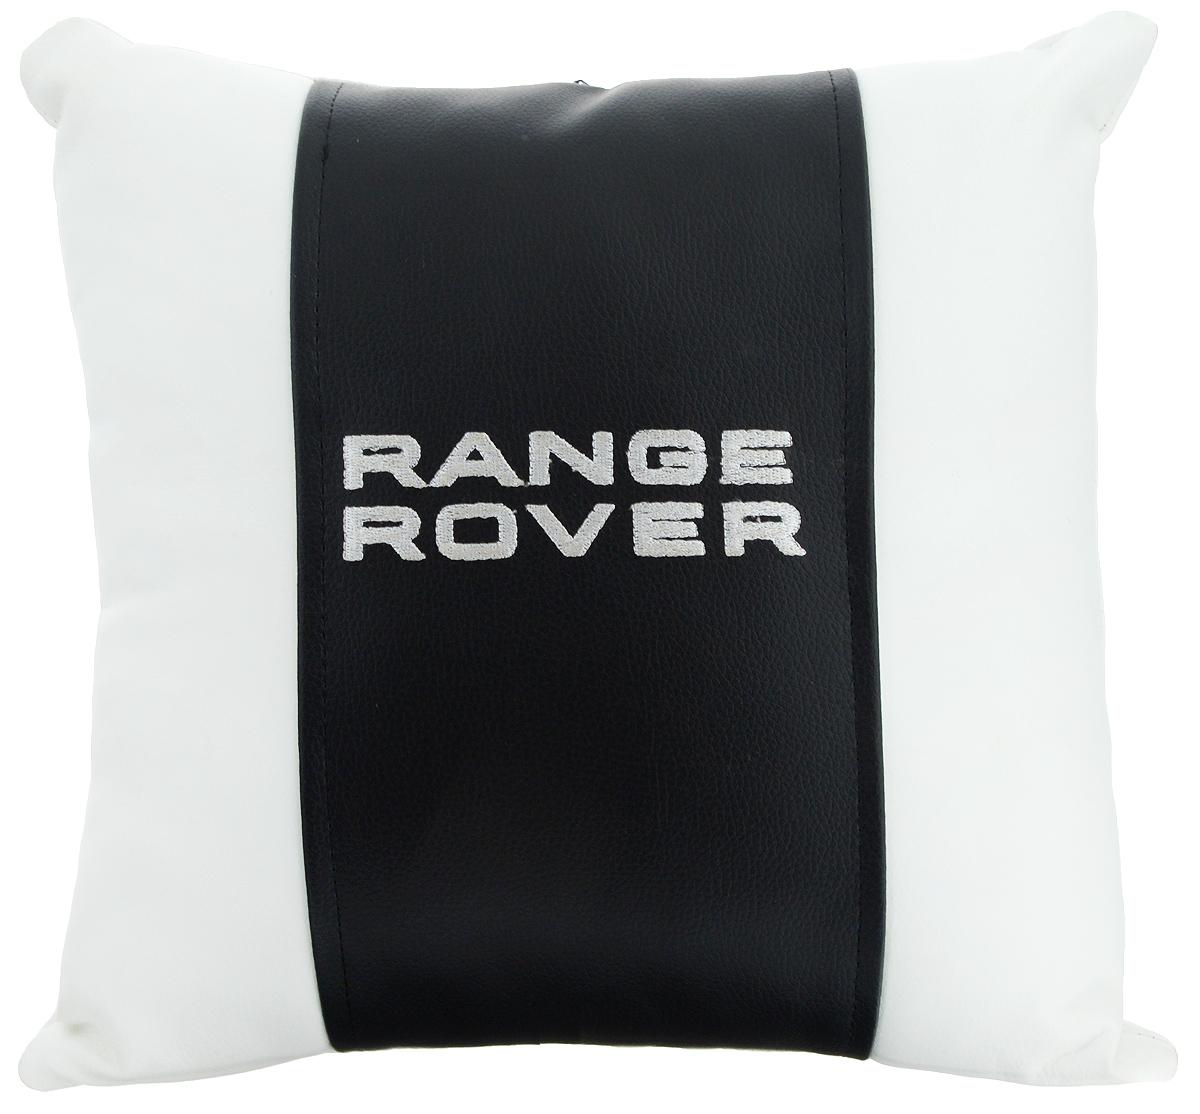 Подушка на сиденье Autoparts Range Rover, цвет: белый,черный, 30 х 30 смМ061_белый,черныйПодушка на сиденье Autoparts Range Rover создана для тех, кто весь свой день вынужден проводить за рулем. Чехол выполнен из высококачественной дышащей экокожи. Наполнителем служит холлофайбер. На задней части подушки имеется змейка. Особенности подушки: - Хорошо проветривается. - Предупреждает потение. - Поддерживает комфортную температуру. - Обминается по форме тела. - Улучшает кровообращение. - Исключает затечные явления. - Предупреждает развитие заболеваний, связанных с сидячим образом жизни. Подушка также будет полезна и дома - при работе за компьютером, школьникам - при выполнении домашних работ, да и в любимом кресле перед телевизором.